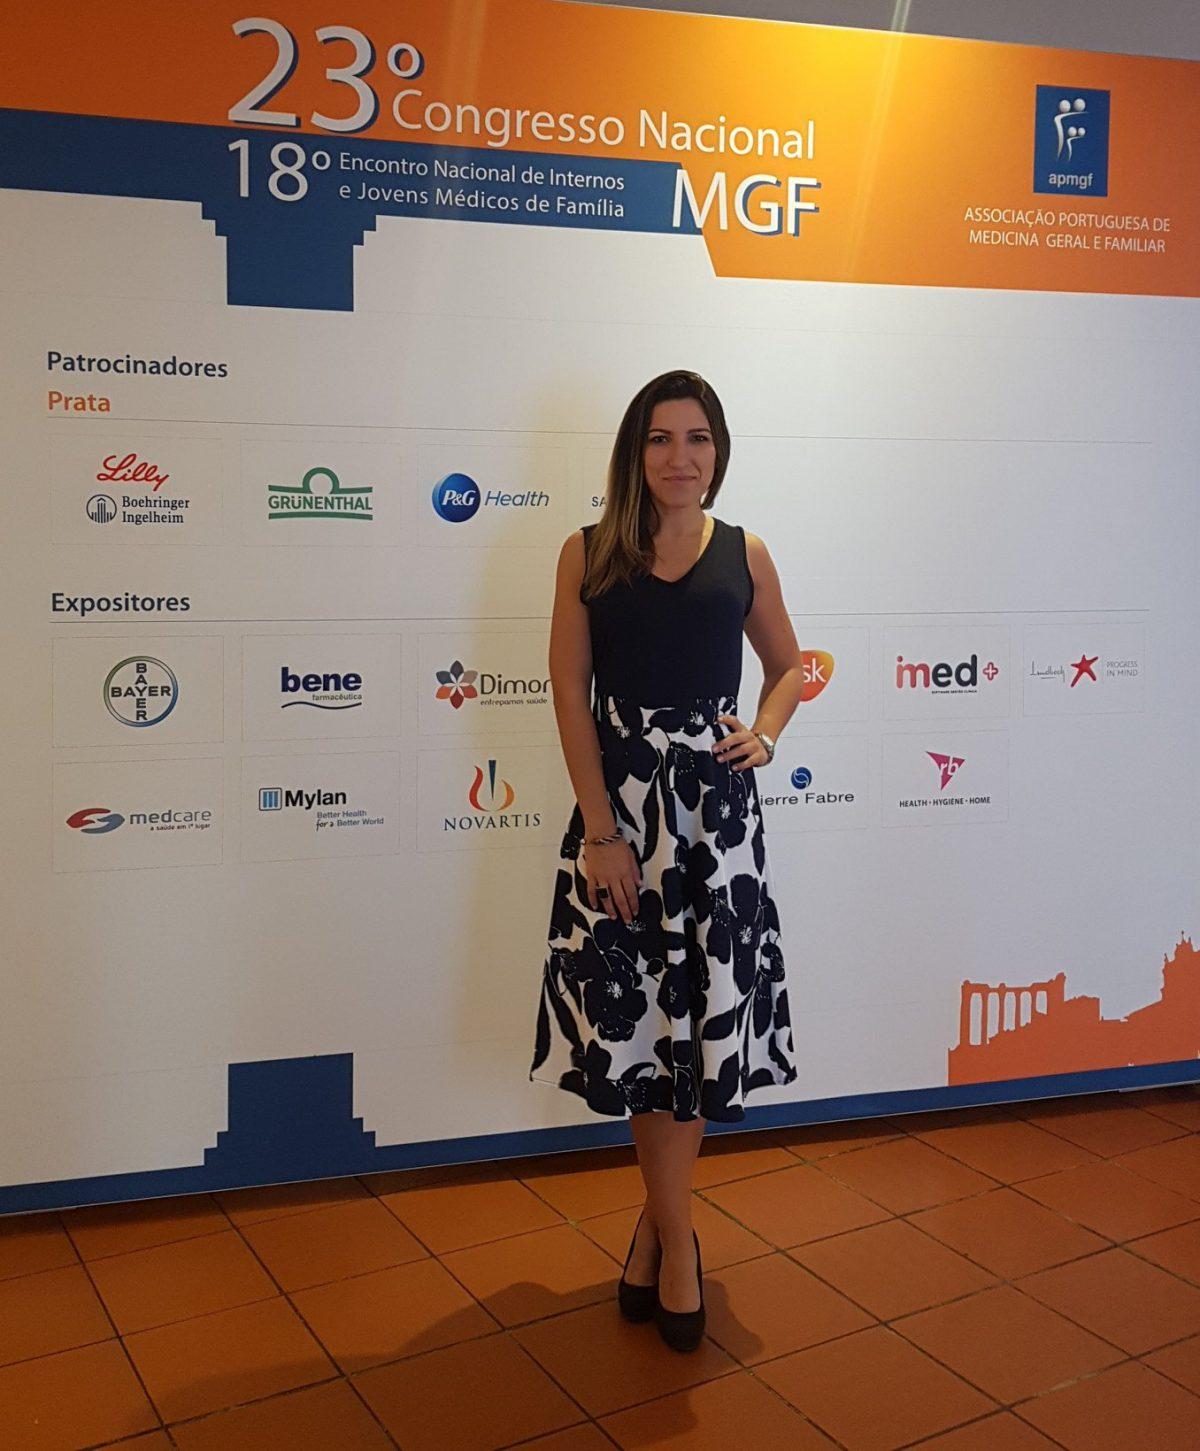 como médica, palestrante da Mesa sobre Empreendedorismo em Saúde, no Congresso Nacional de MGF 2019